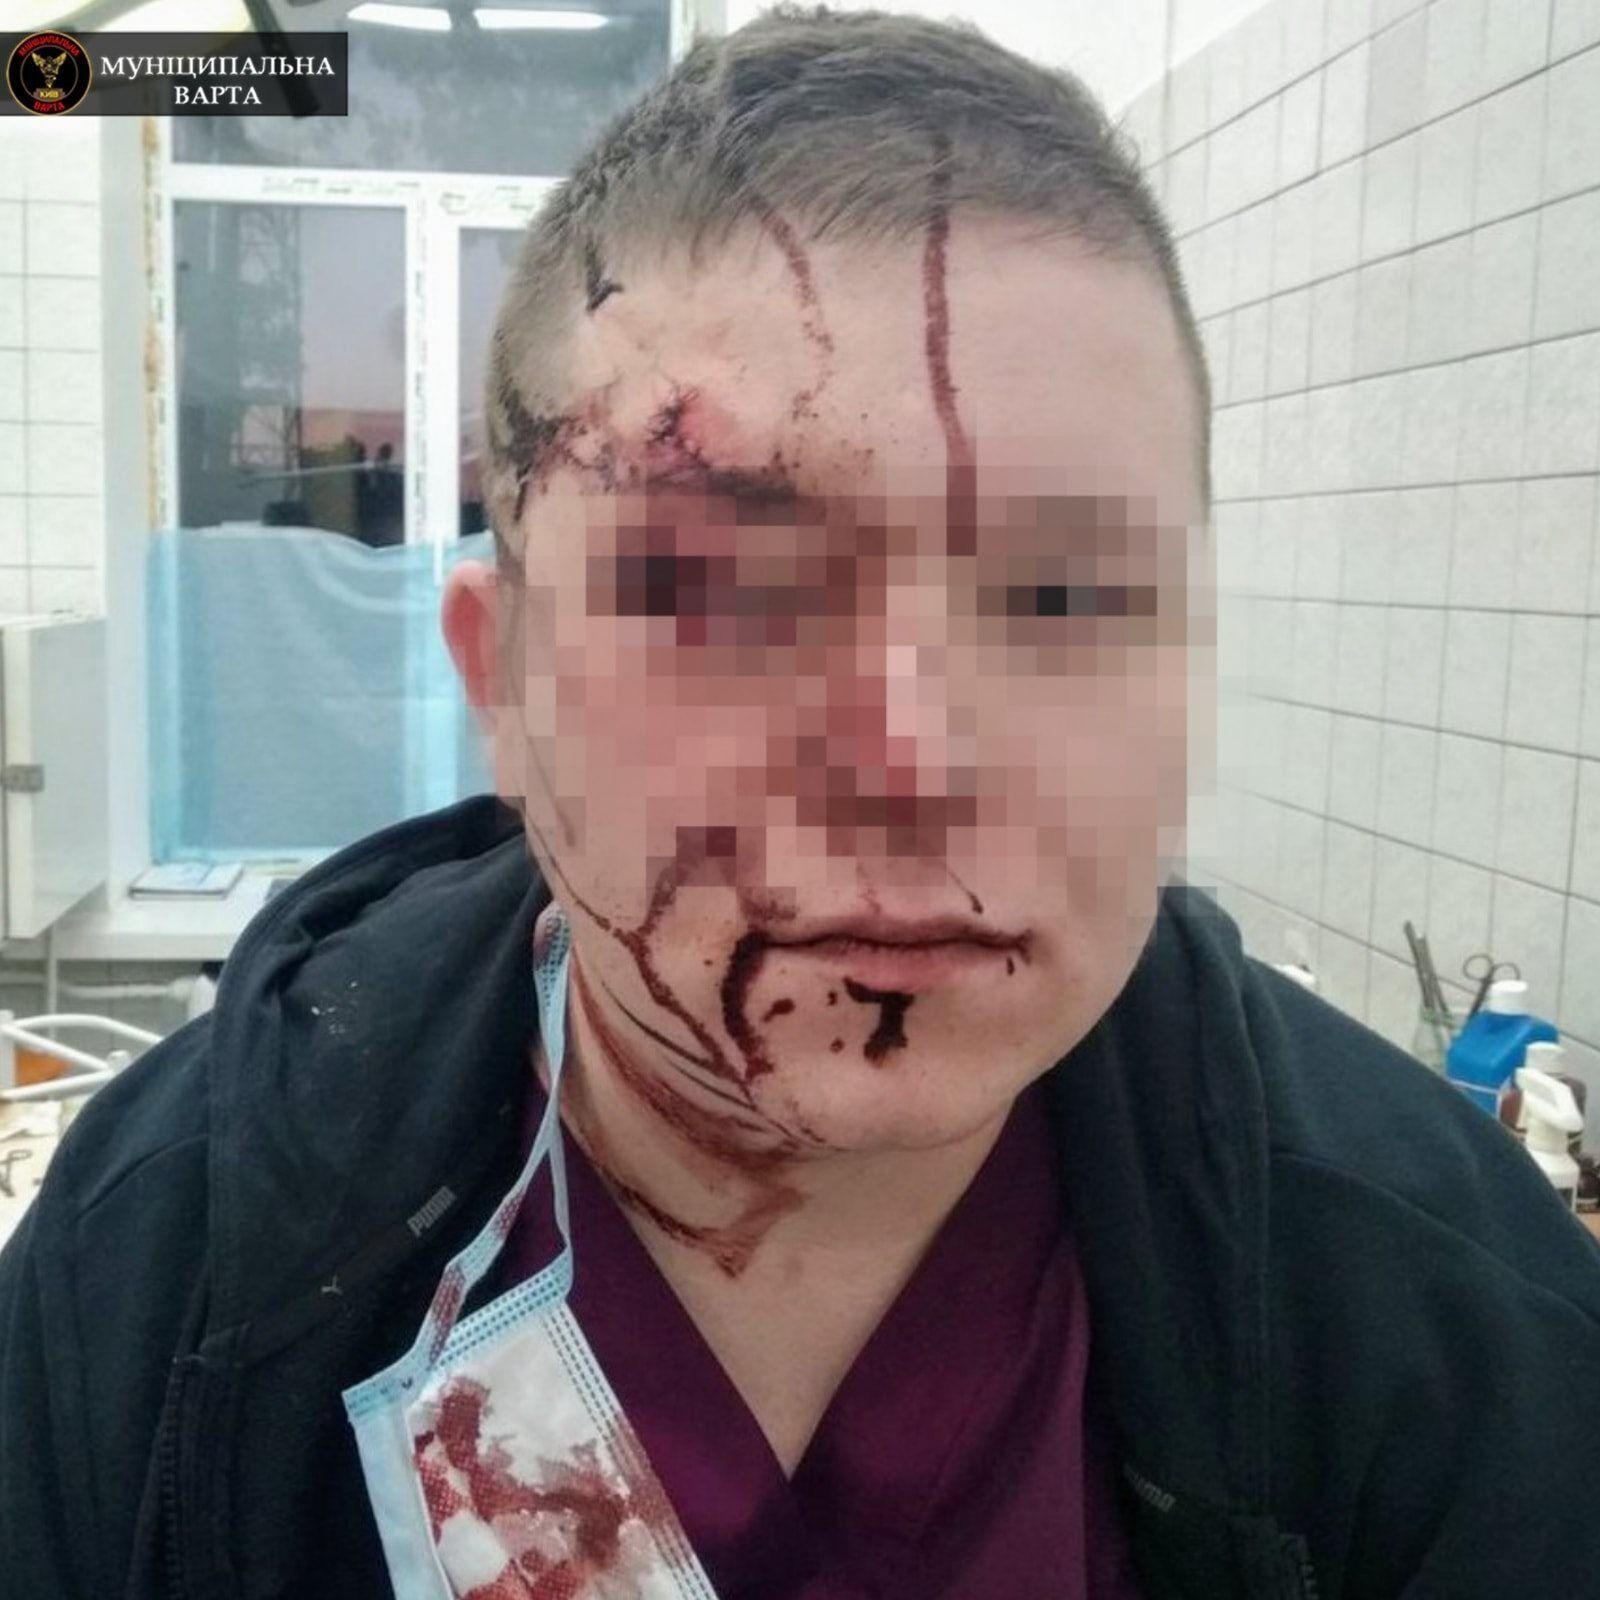 Врач госпитализирован с множественными травмами головы.